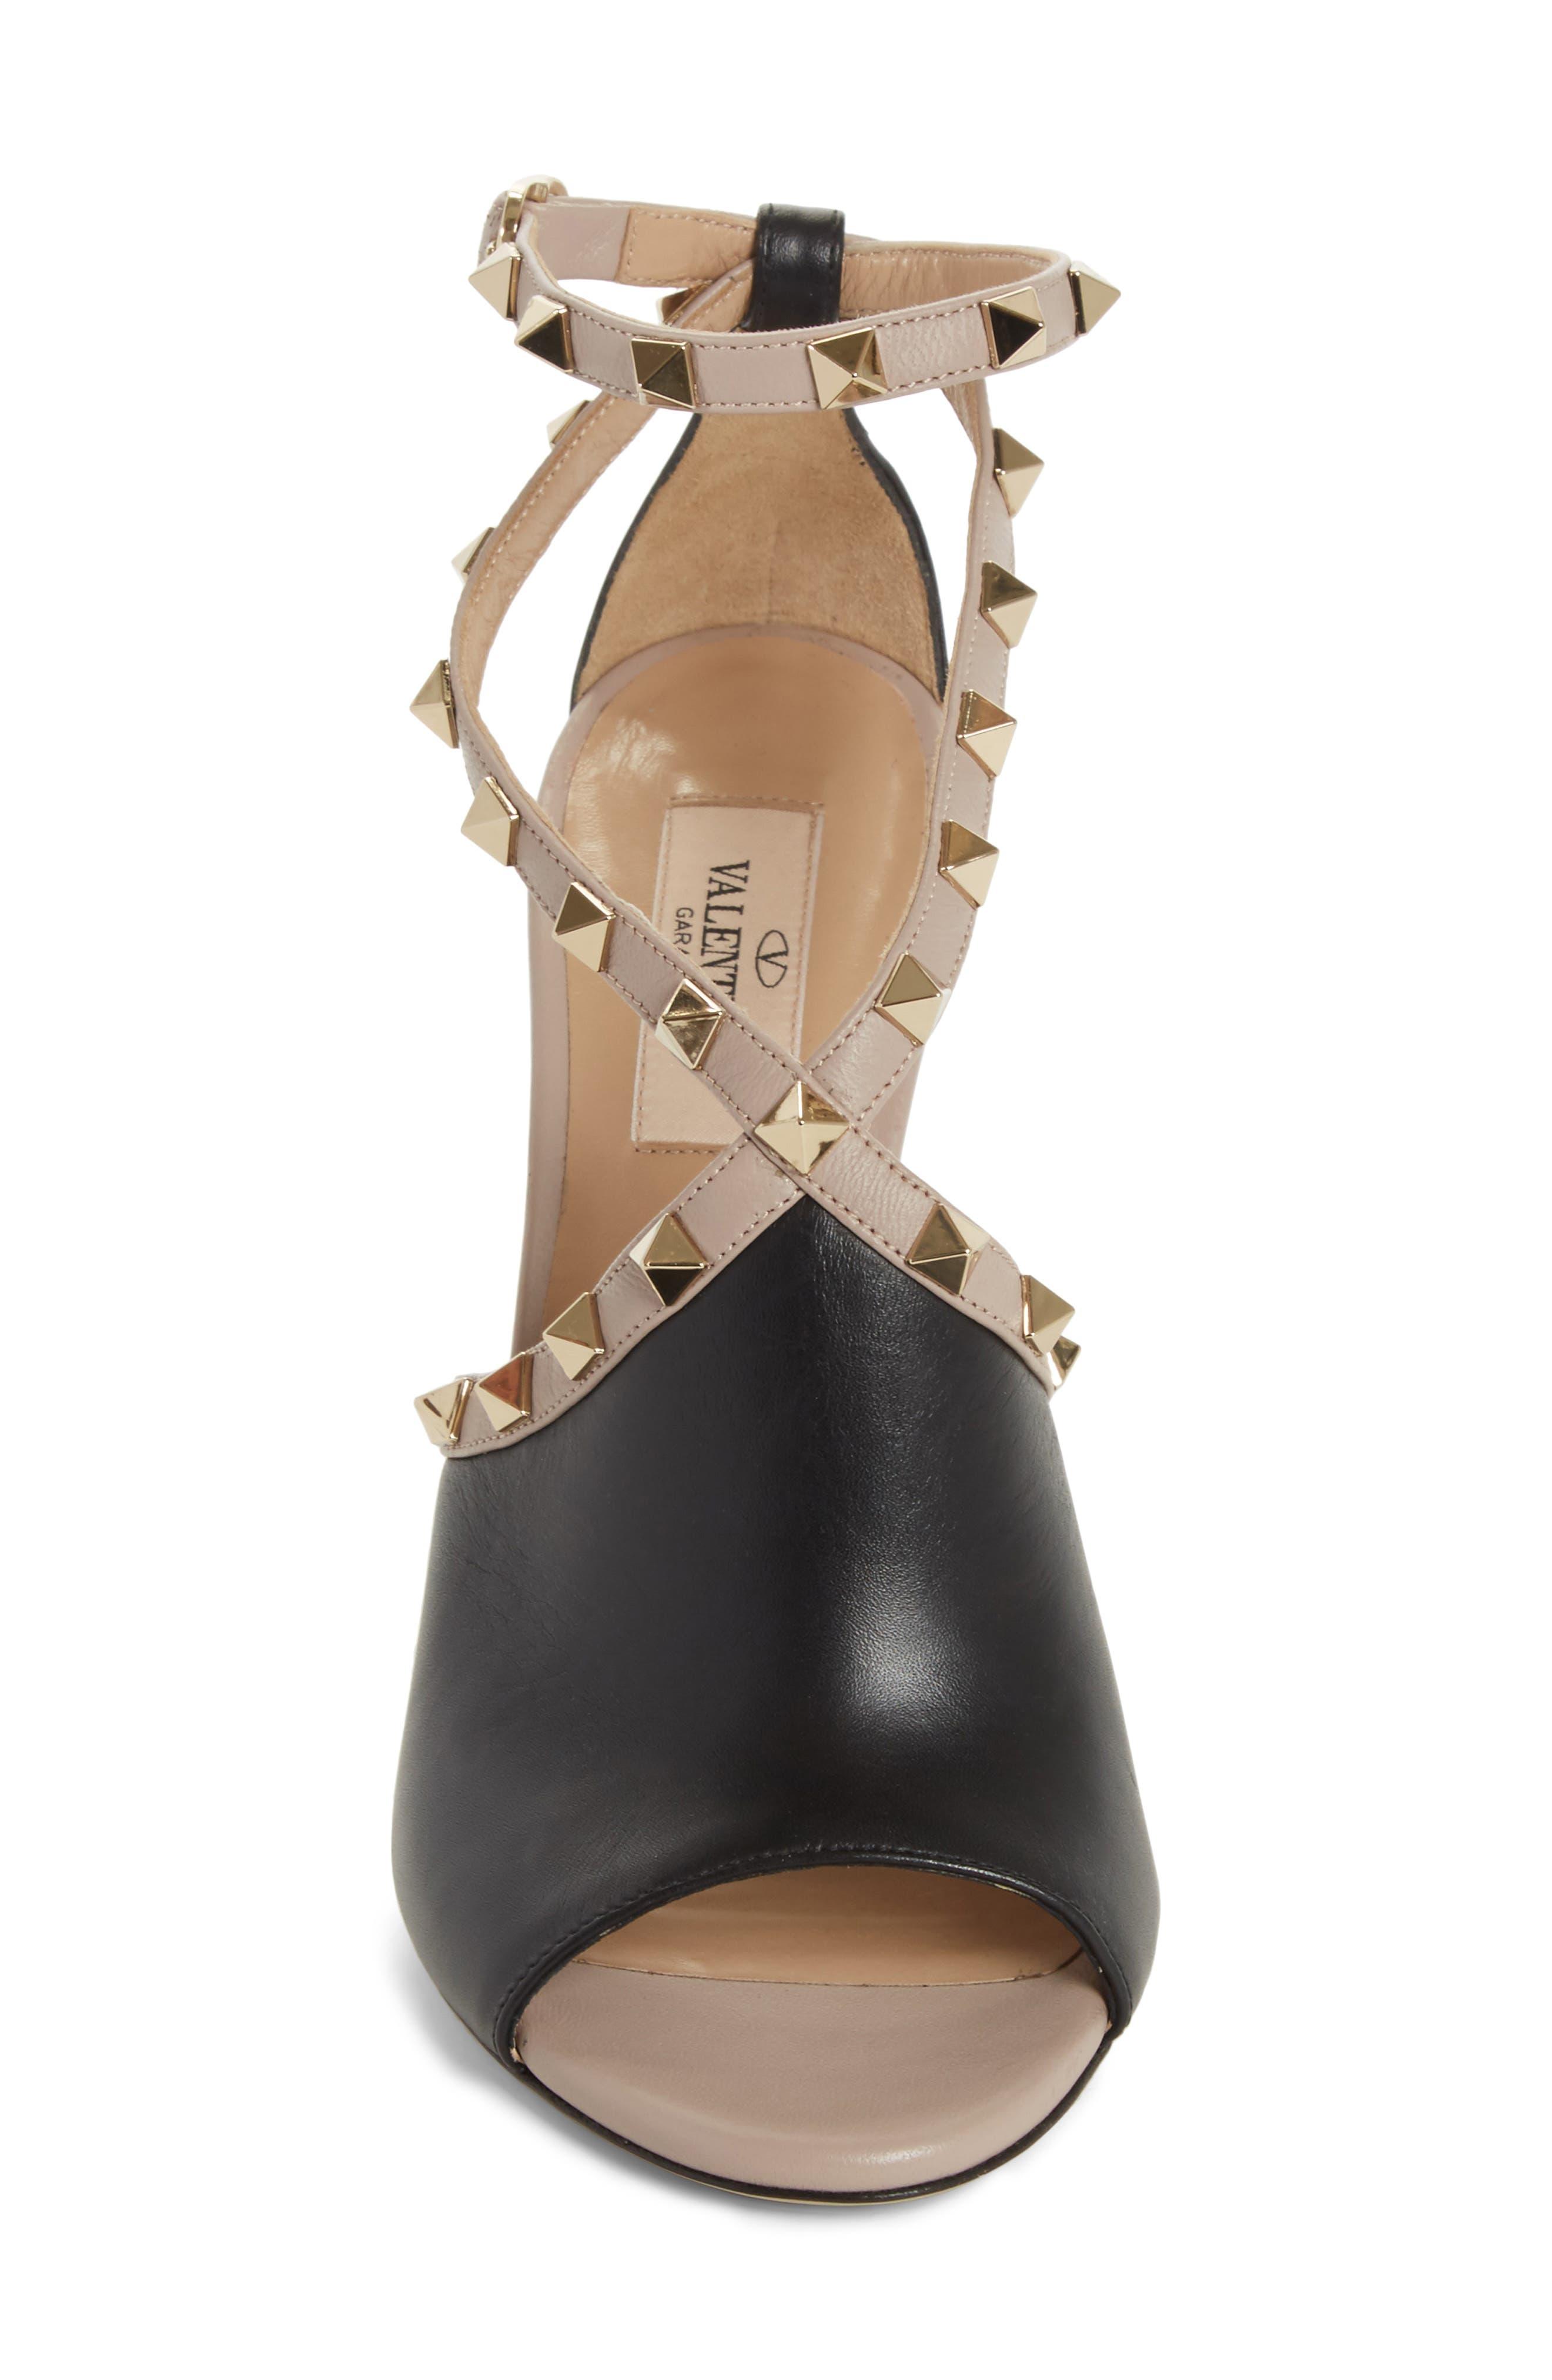 Rockstud Peep Toe Sandal,                             Alternate thumbnail 4, color,                             BLACK/ BEIGE